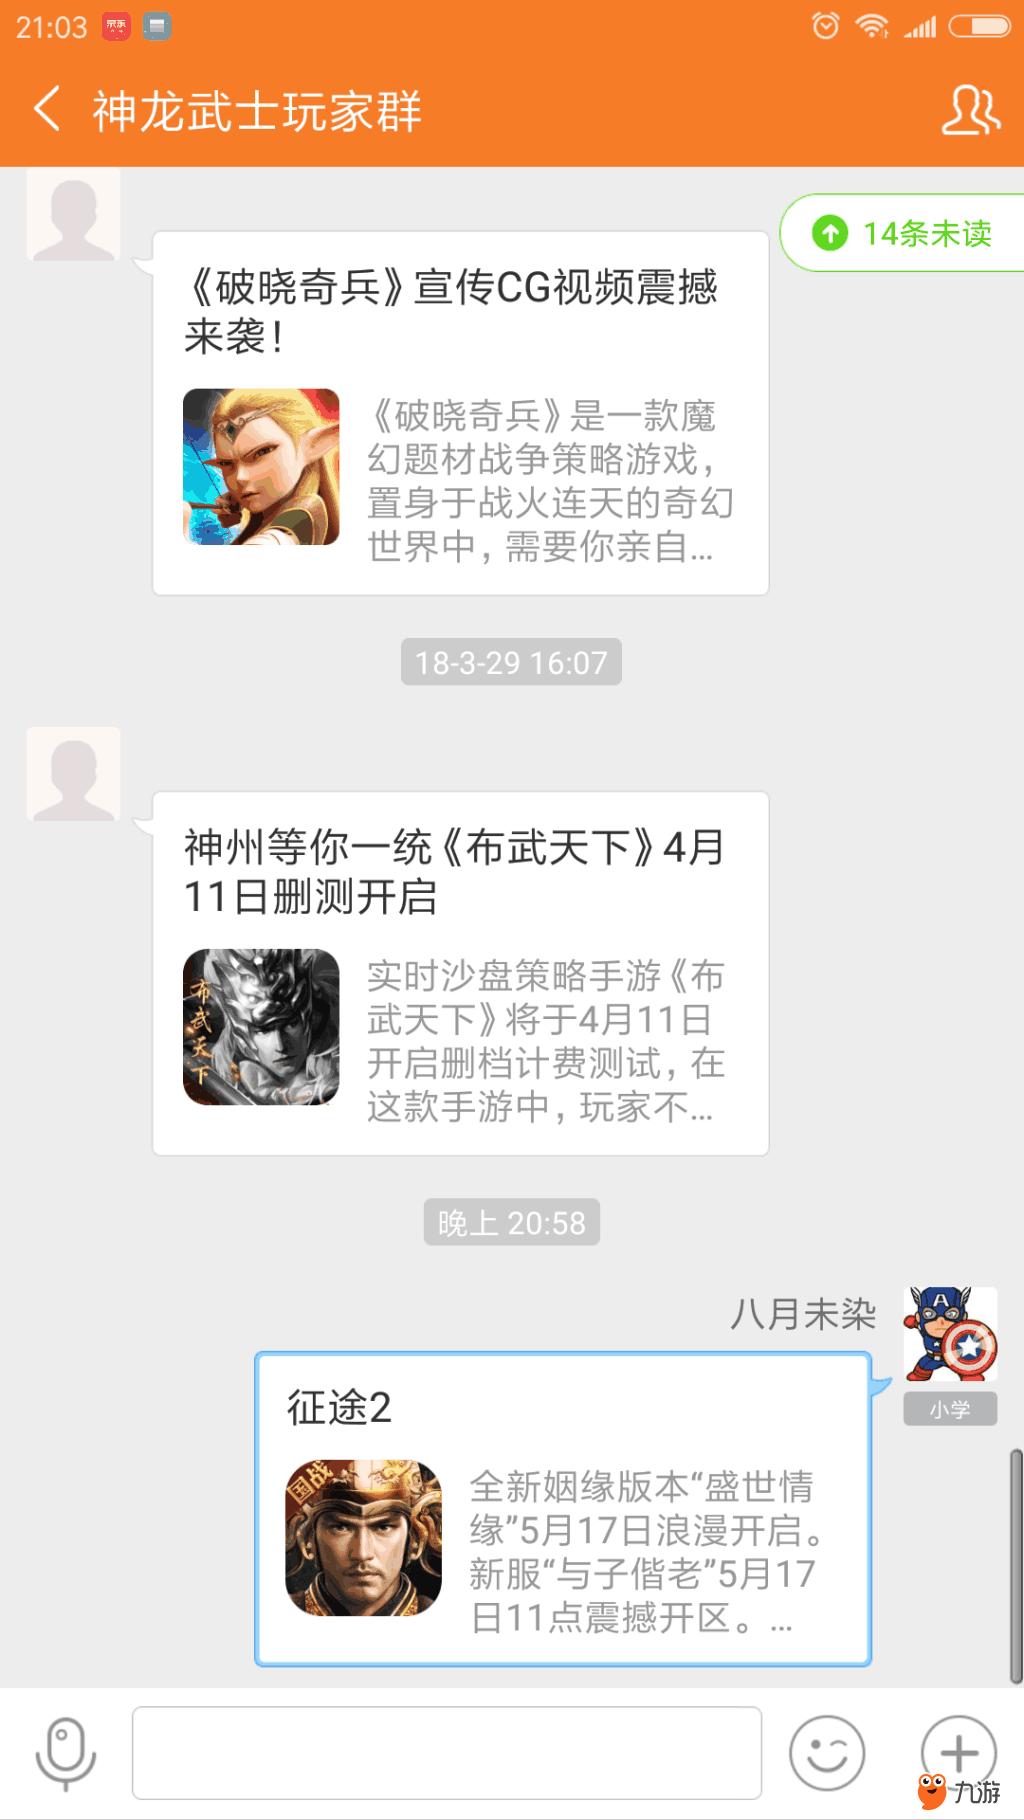 Screenshot_2018s06s14s21s03s59s786_cn.ninegame.ga.png